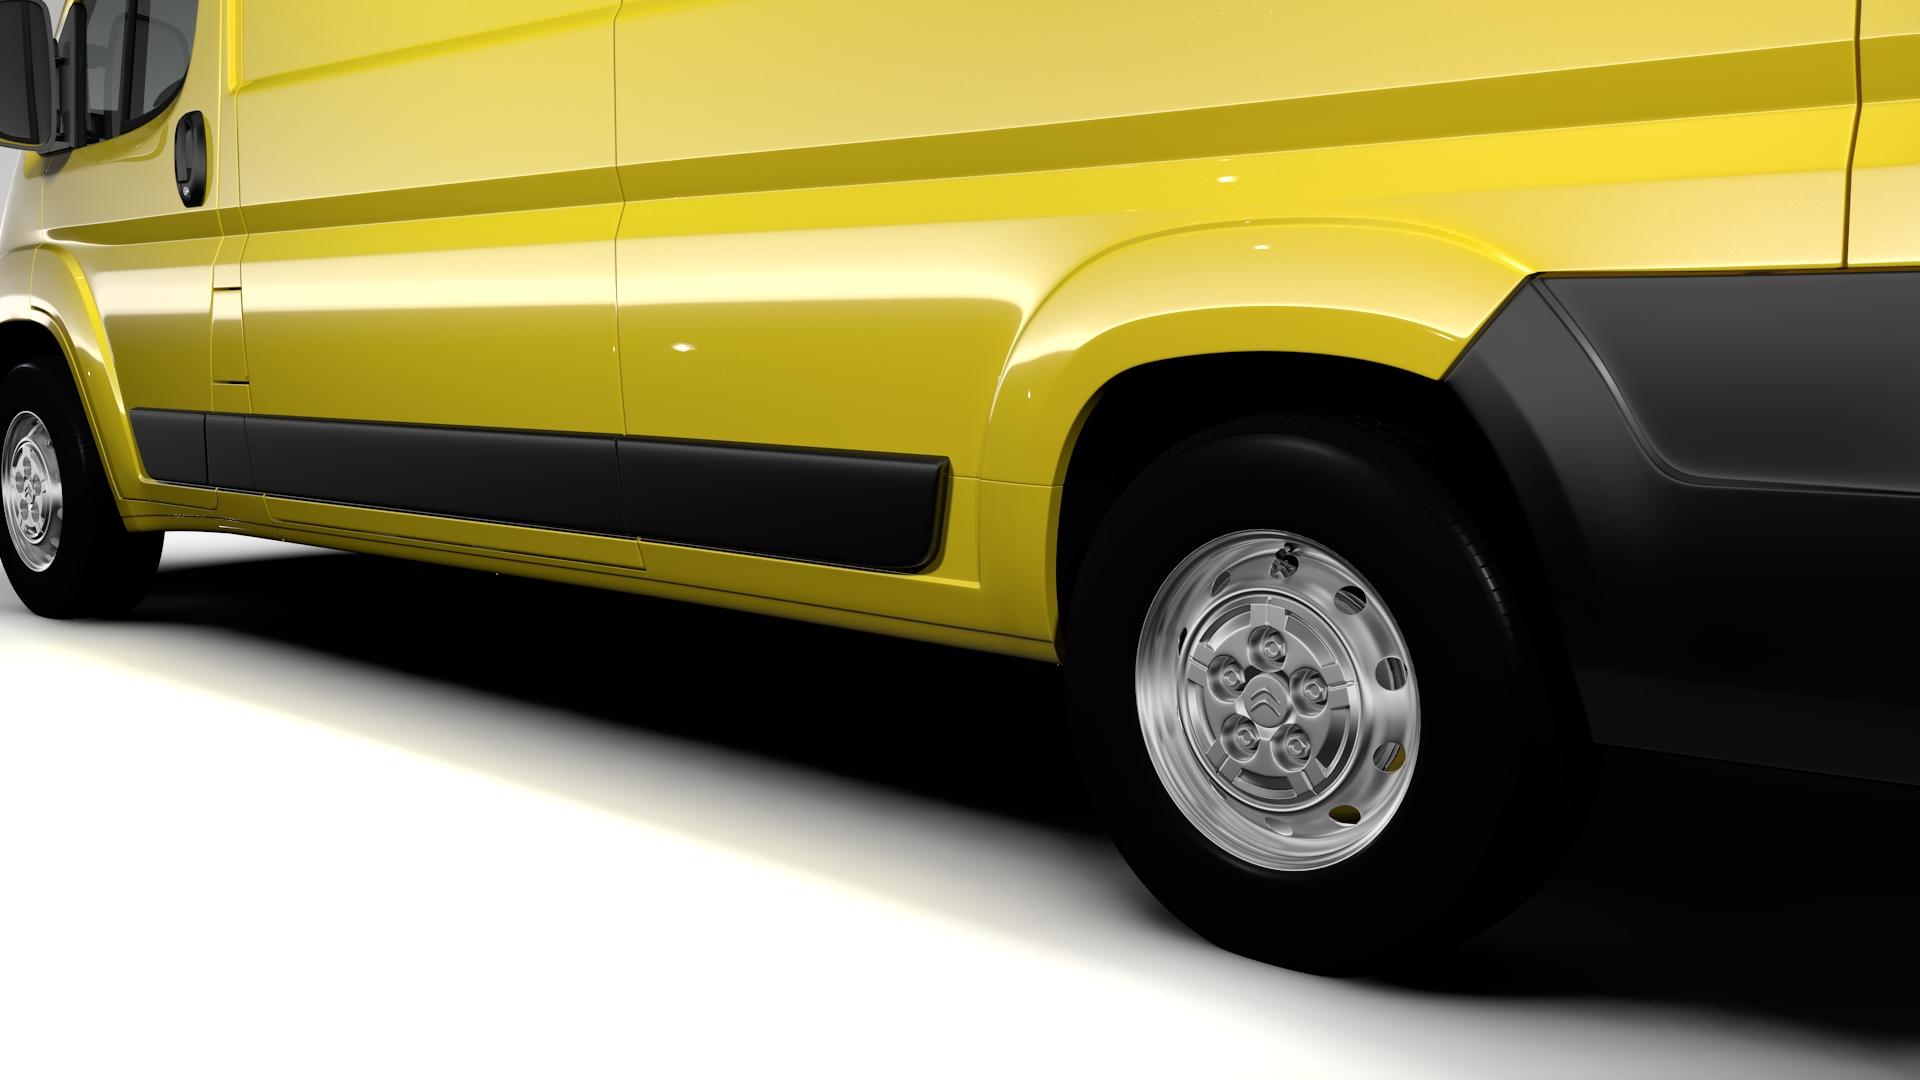 citroen jumper van l3h3 2017 3d model 3ds max fbx c4d lwo ma mb hrc xsi obj 222272